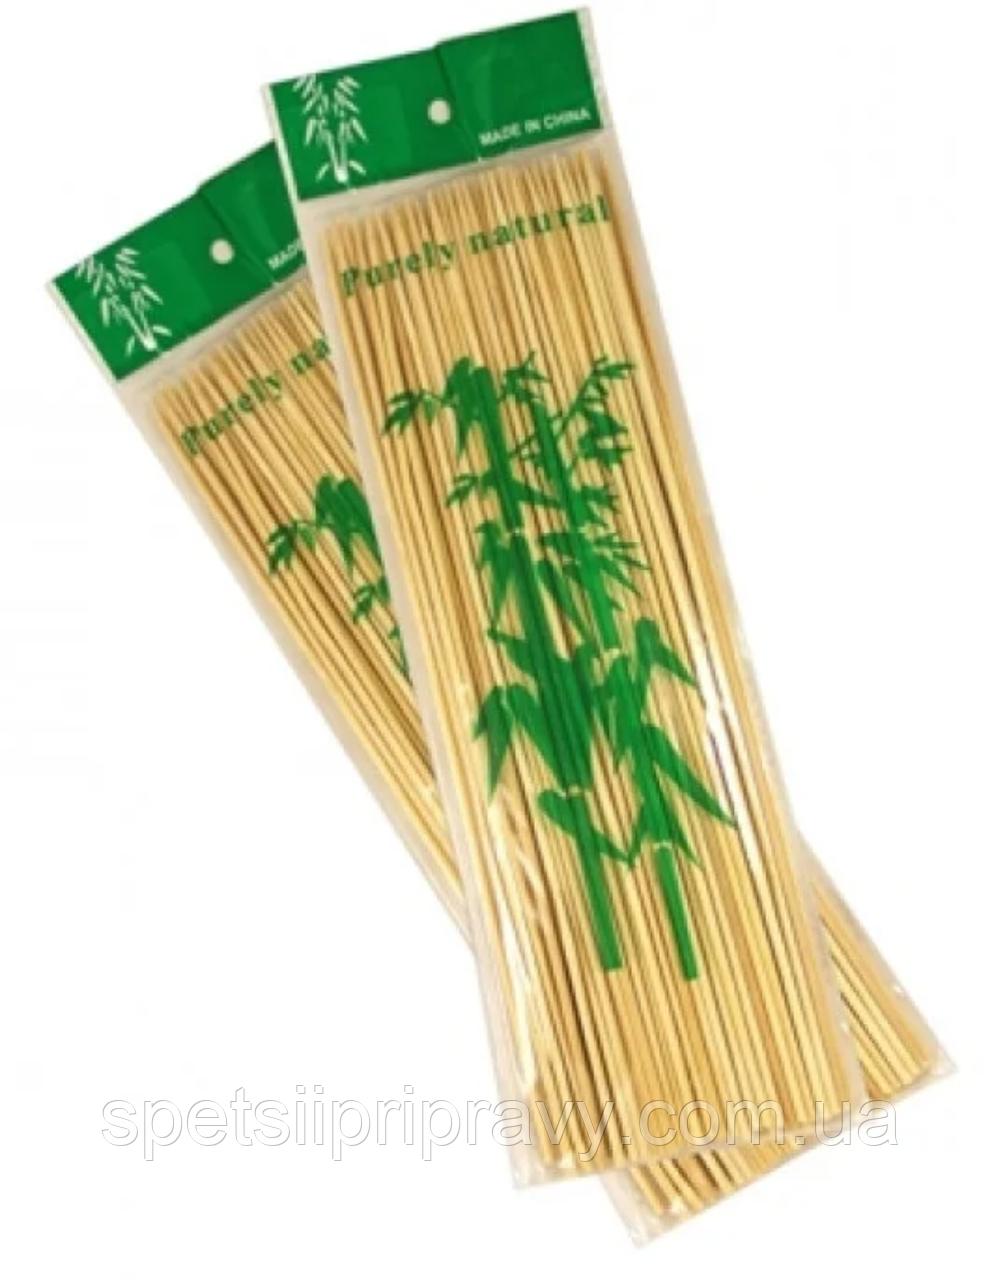 Шампура бамбуковые шпажки 25 см (100 шт/уп}